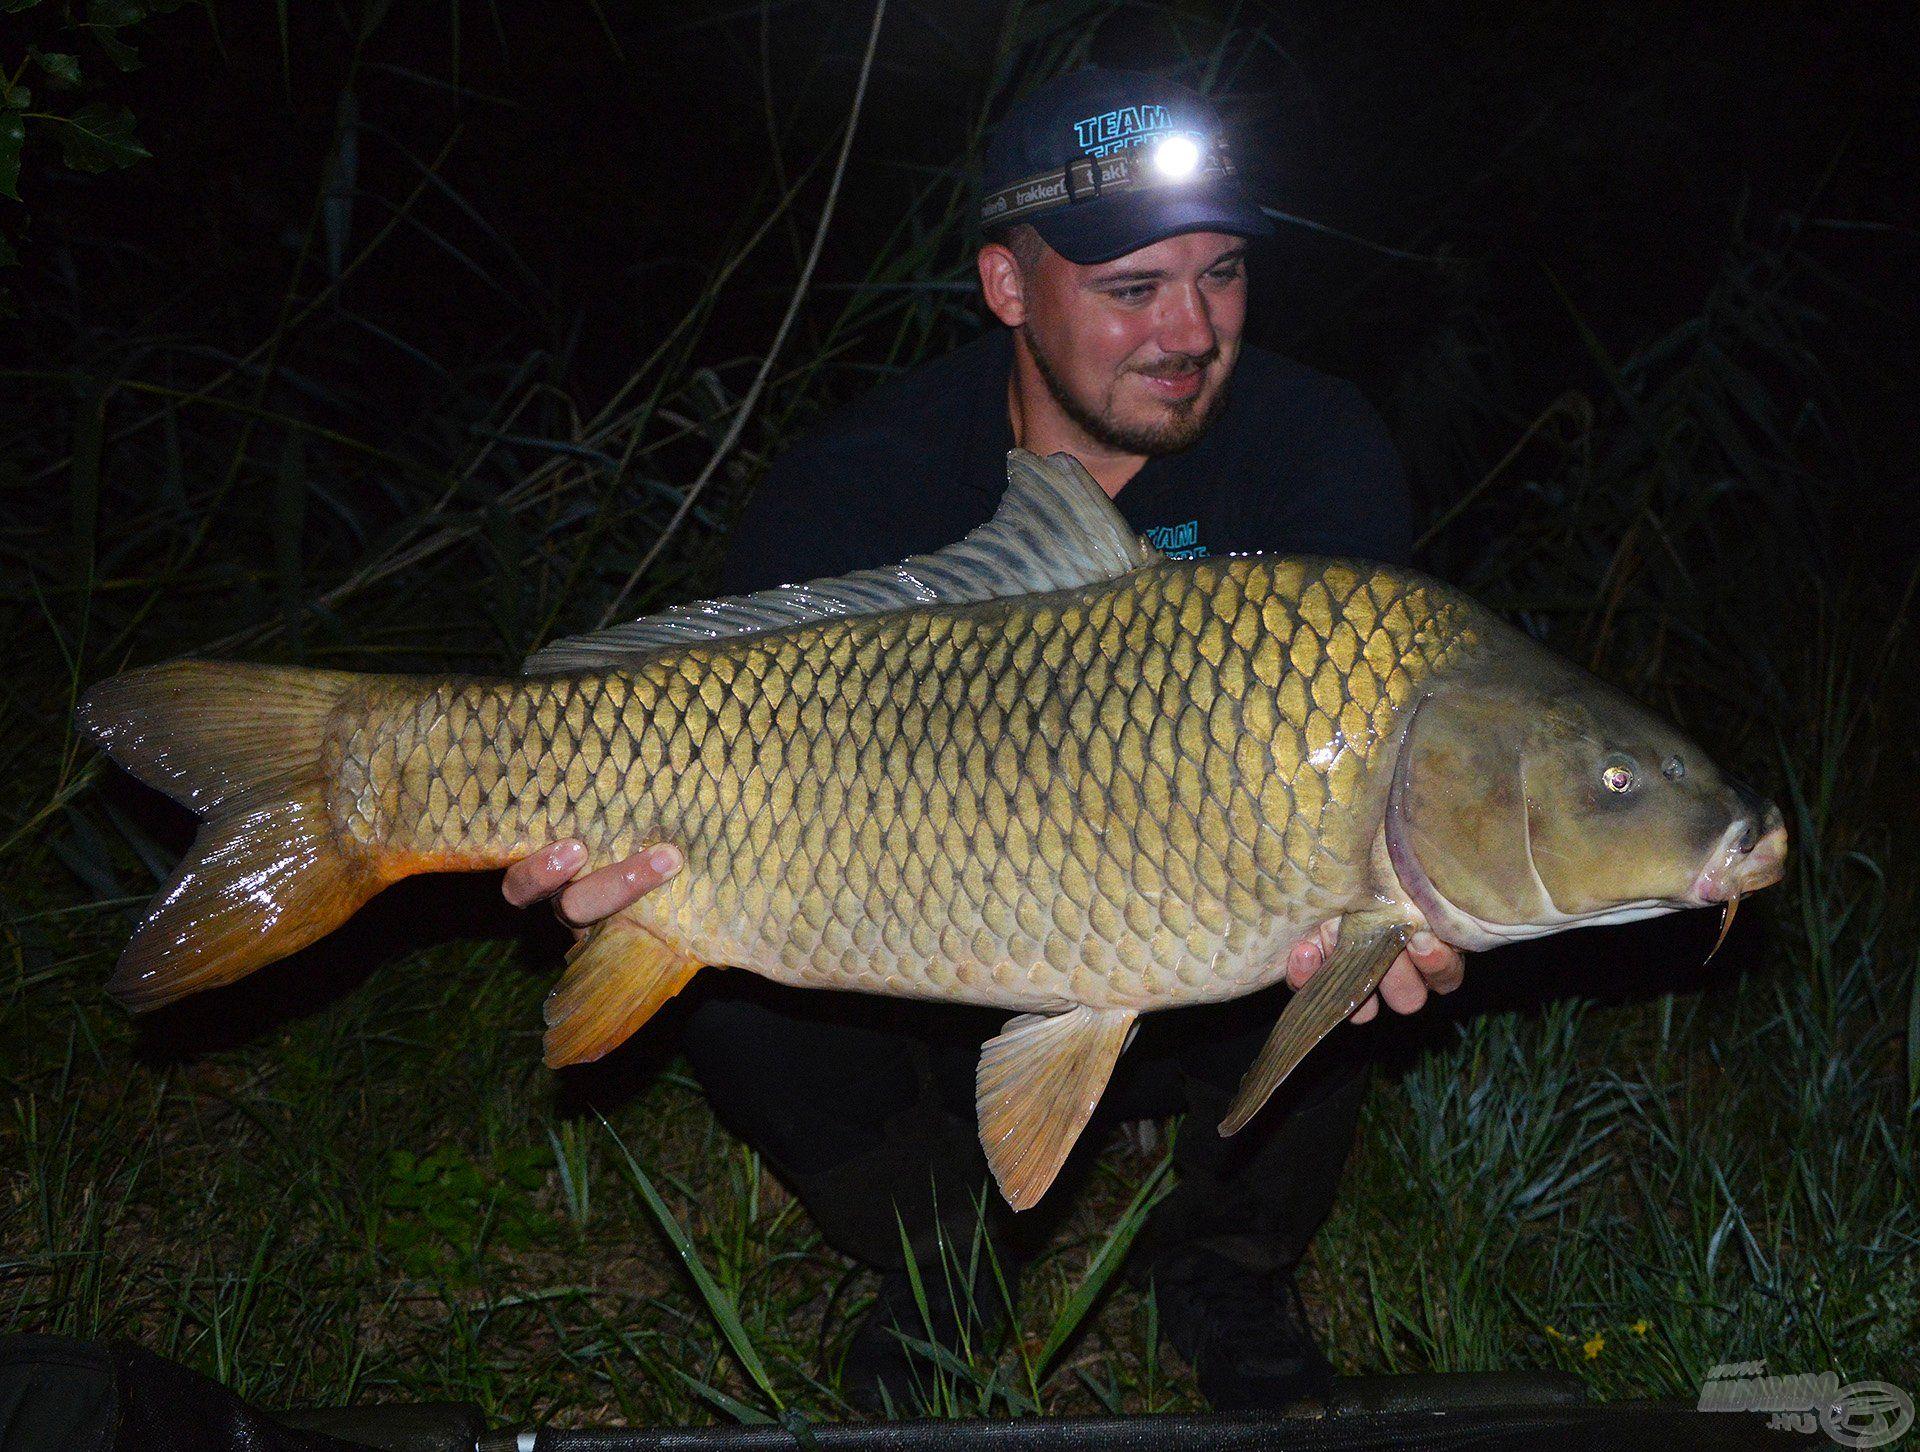 A nagyhalas feederhorgászat egyik legjobb időszaka az éjszaka! Ha tehetitek, akkor horgásszatok minél többet, akár éjszaka is, a nyárból még van hátra bőven, hajrá!